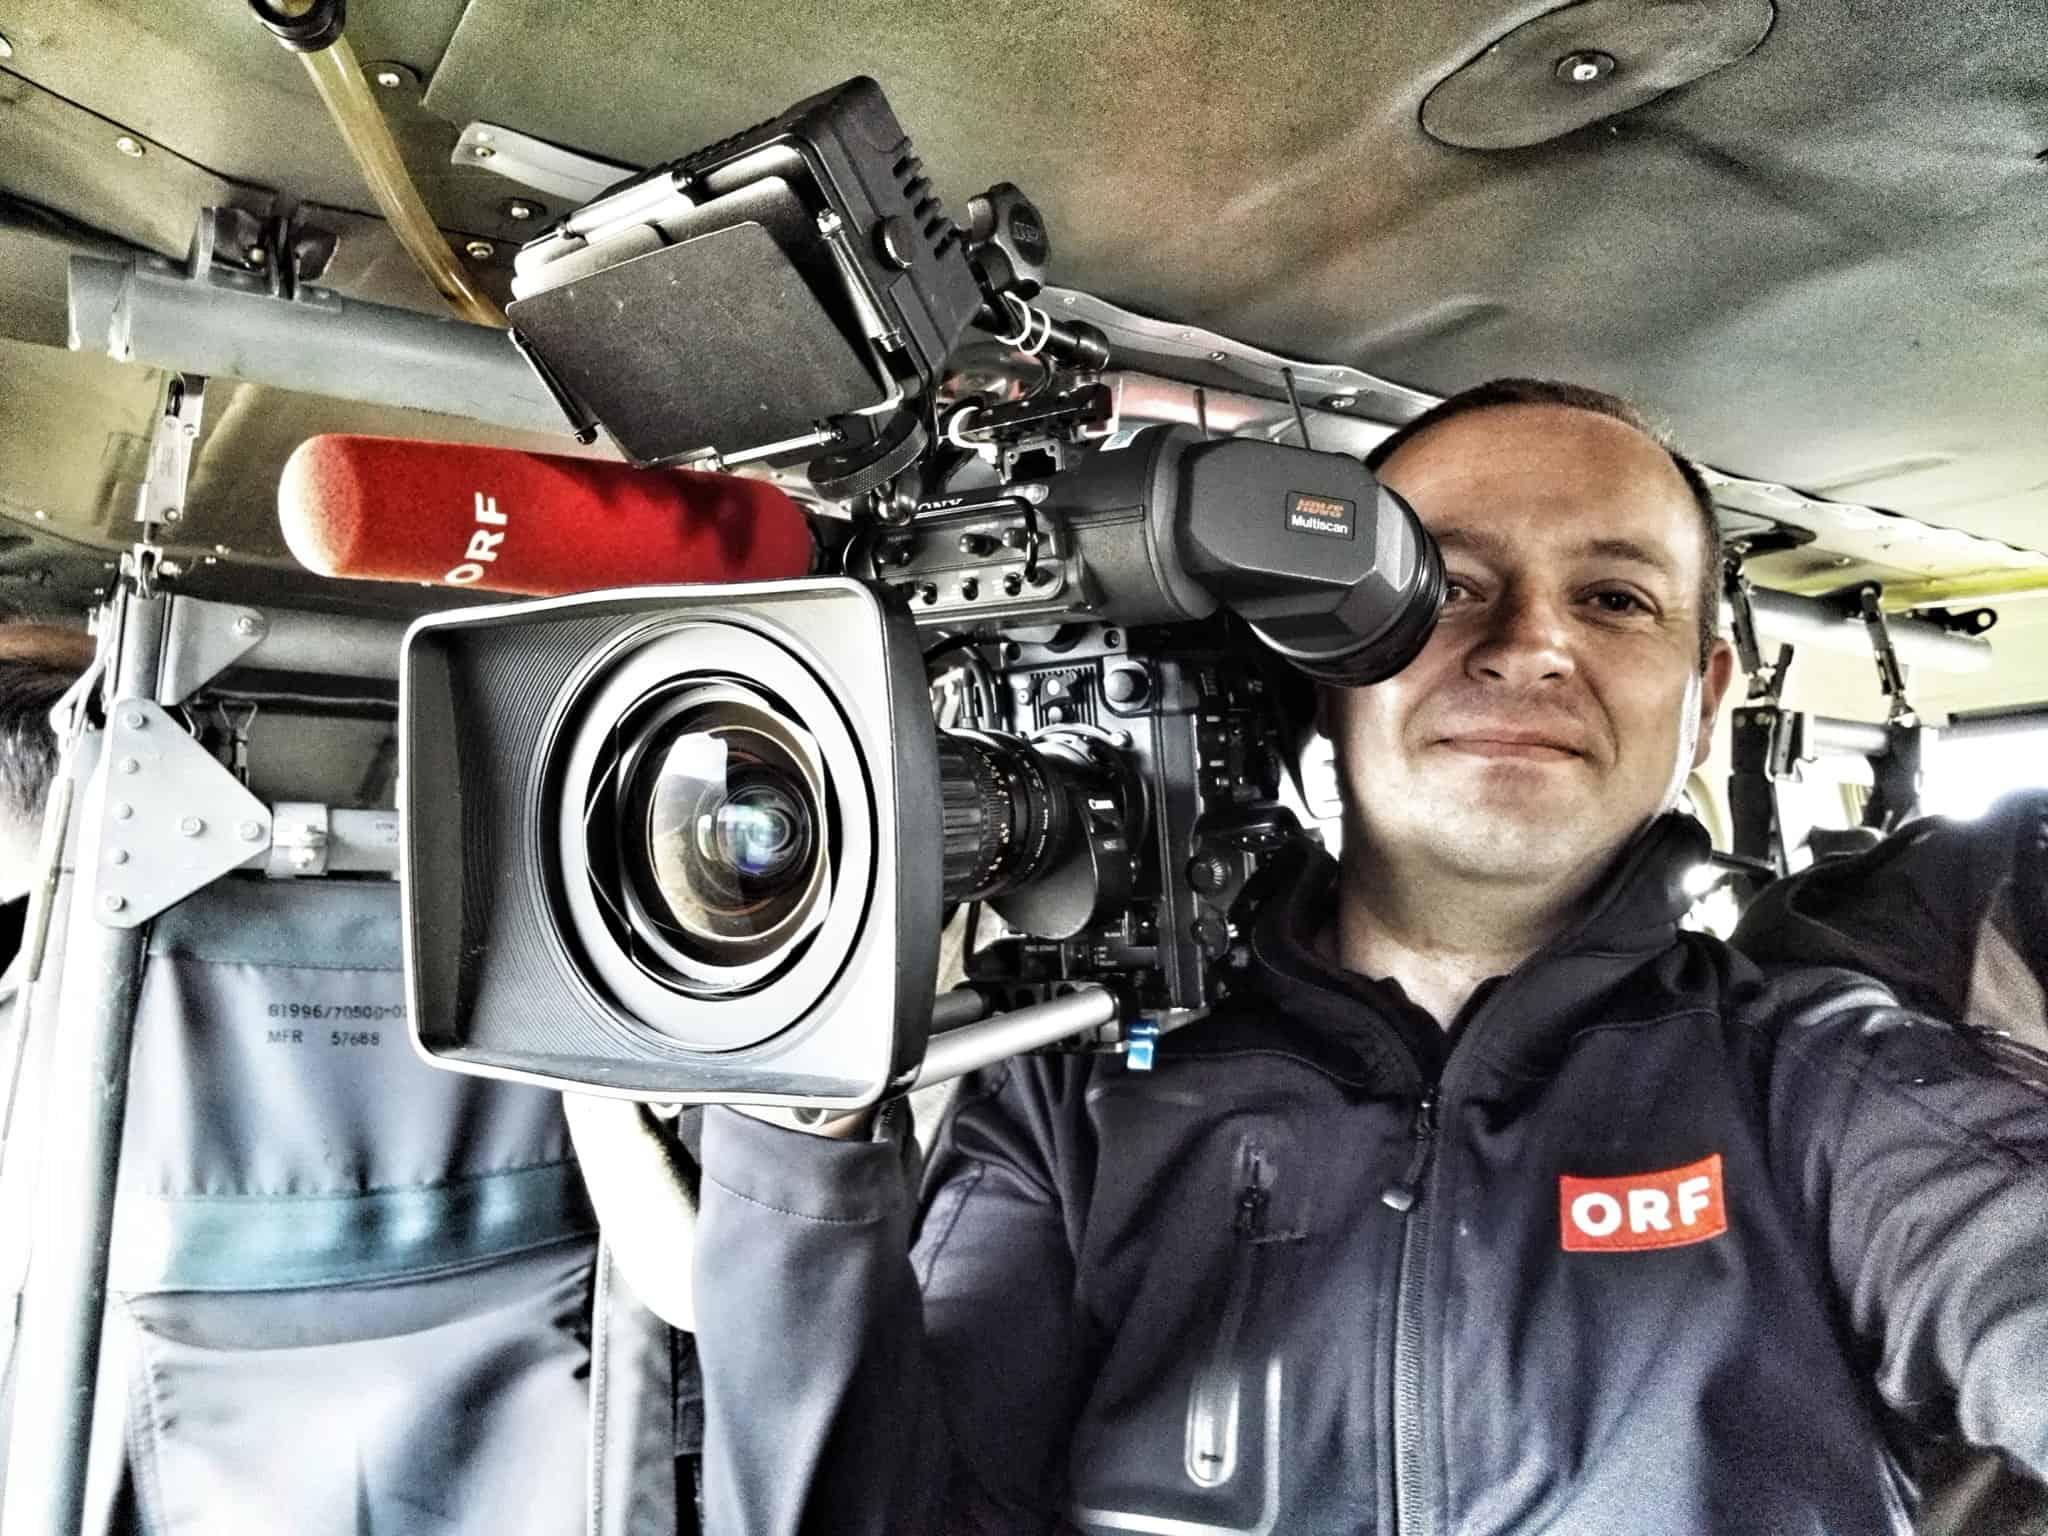 orf black hawk bundesheer lienz 2 - ORF - Black Hawk Bundesheer